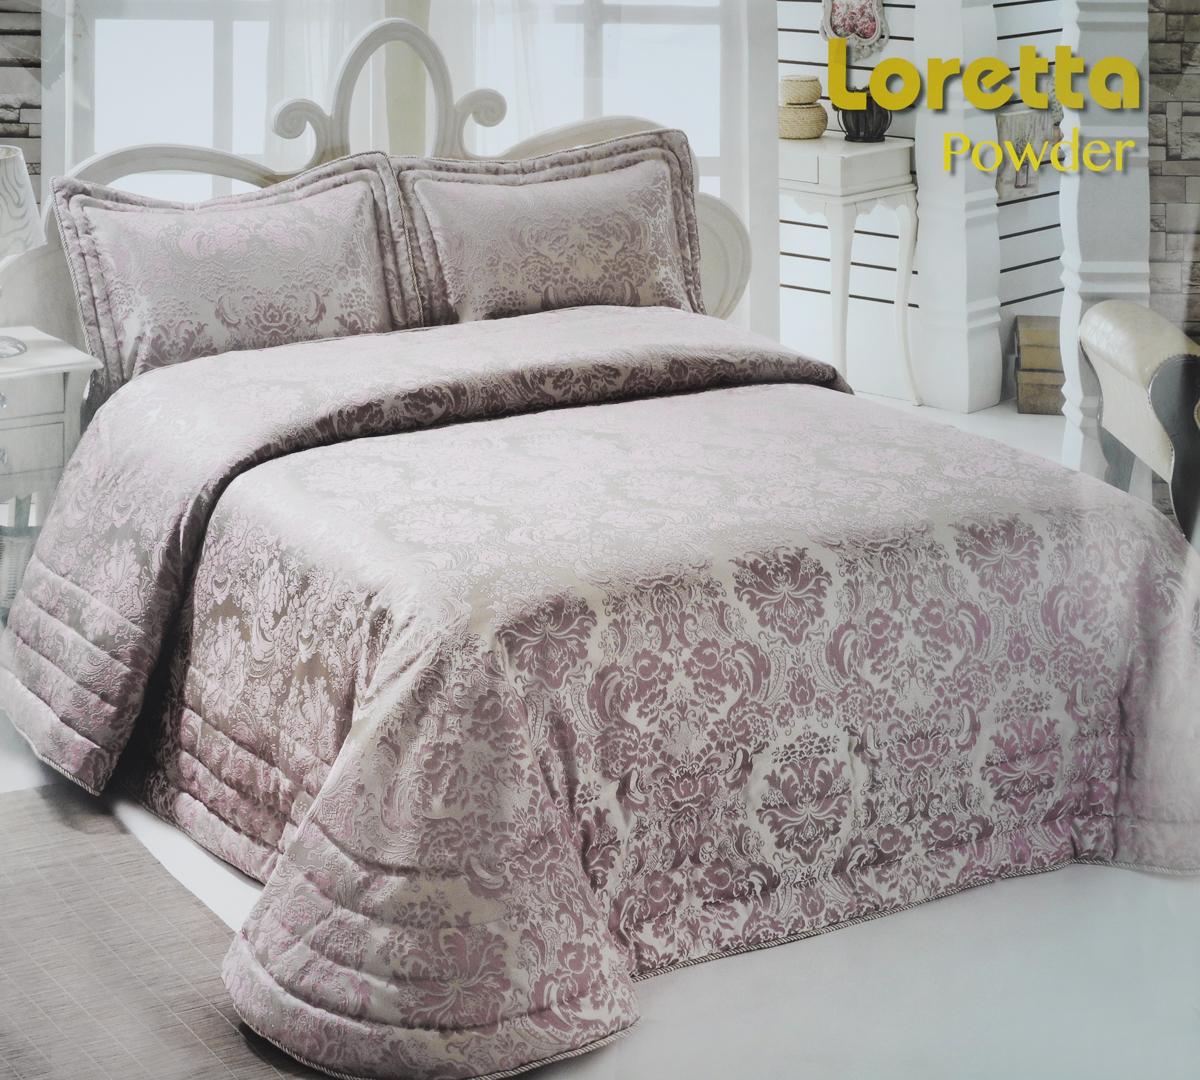 Комплект для спальни Modalin Nazsu. Loretta: покрывало 250 х 270 см, 2 наволочки 50 х 70 см, цвет: пыльная роза3121041675Изысканный комплект для спальни Modalin Nazsu. Loretta состоит из покрывала и двух наволочек. Изделия выполнены из высококачественного полиэстера и хлопка, легкие, прочные и износостойкие. Ткань блестящая, что придает ей больше роскошиКомплект Modalin Nazsu. Loretta - это отличный способ придать спальне уют и комфорт.Размер покрывала: 250 х 270 см.Размер наволочек: 50 х 70 см.